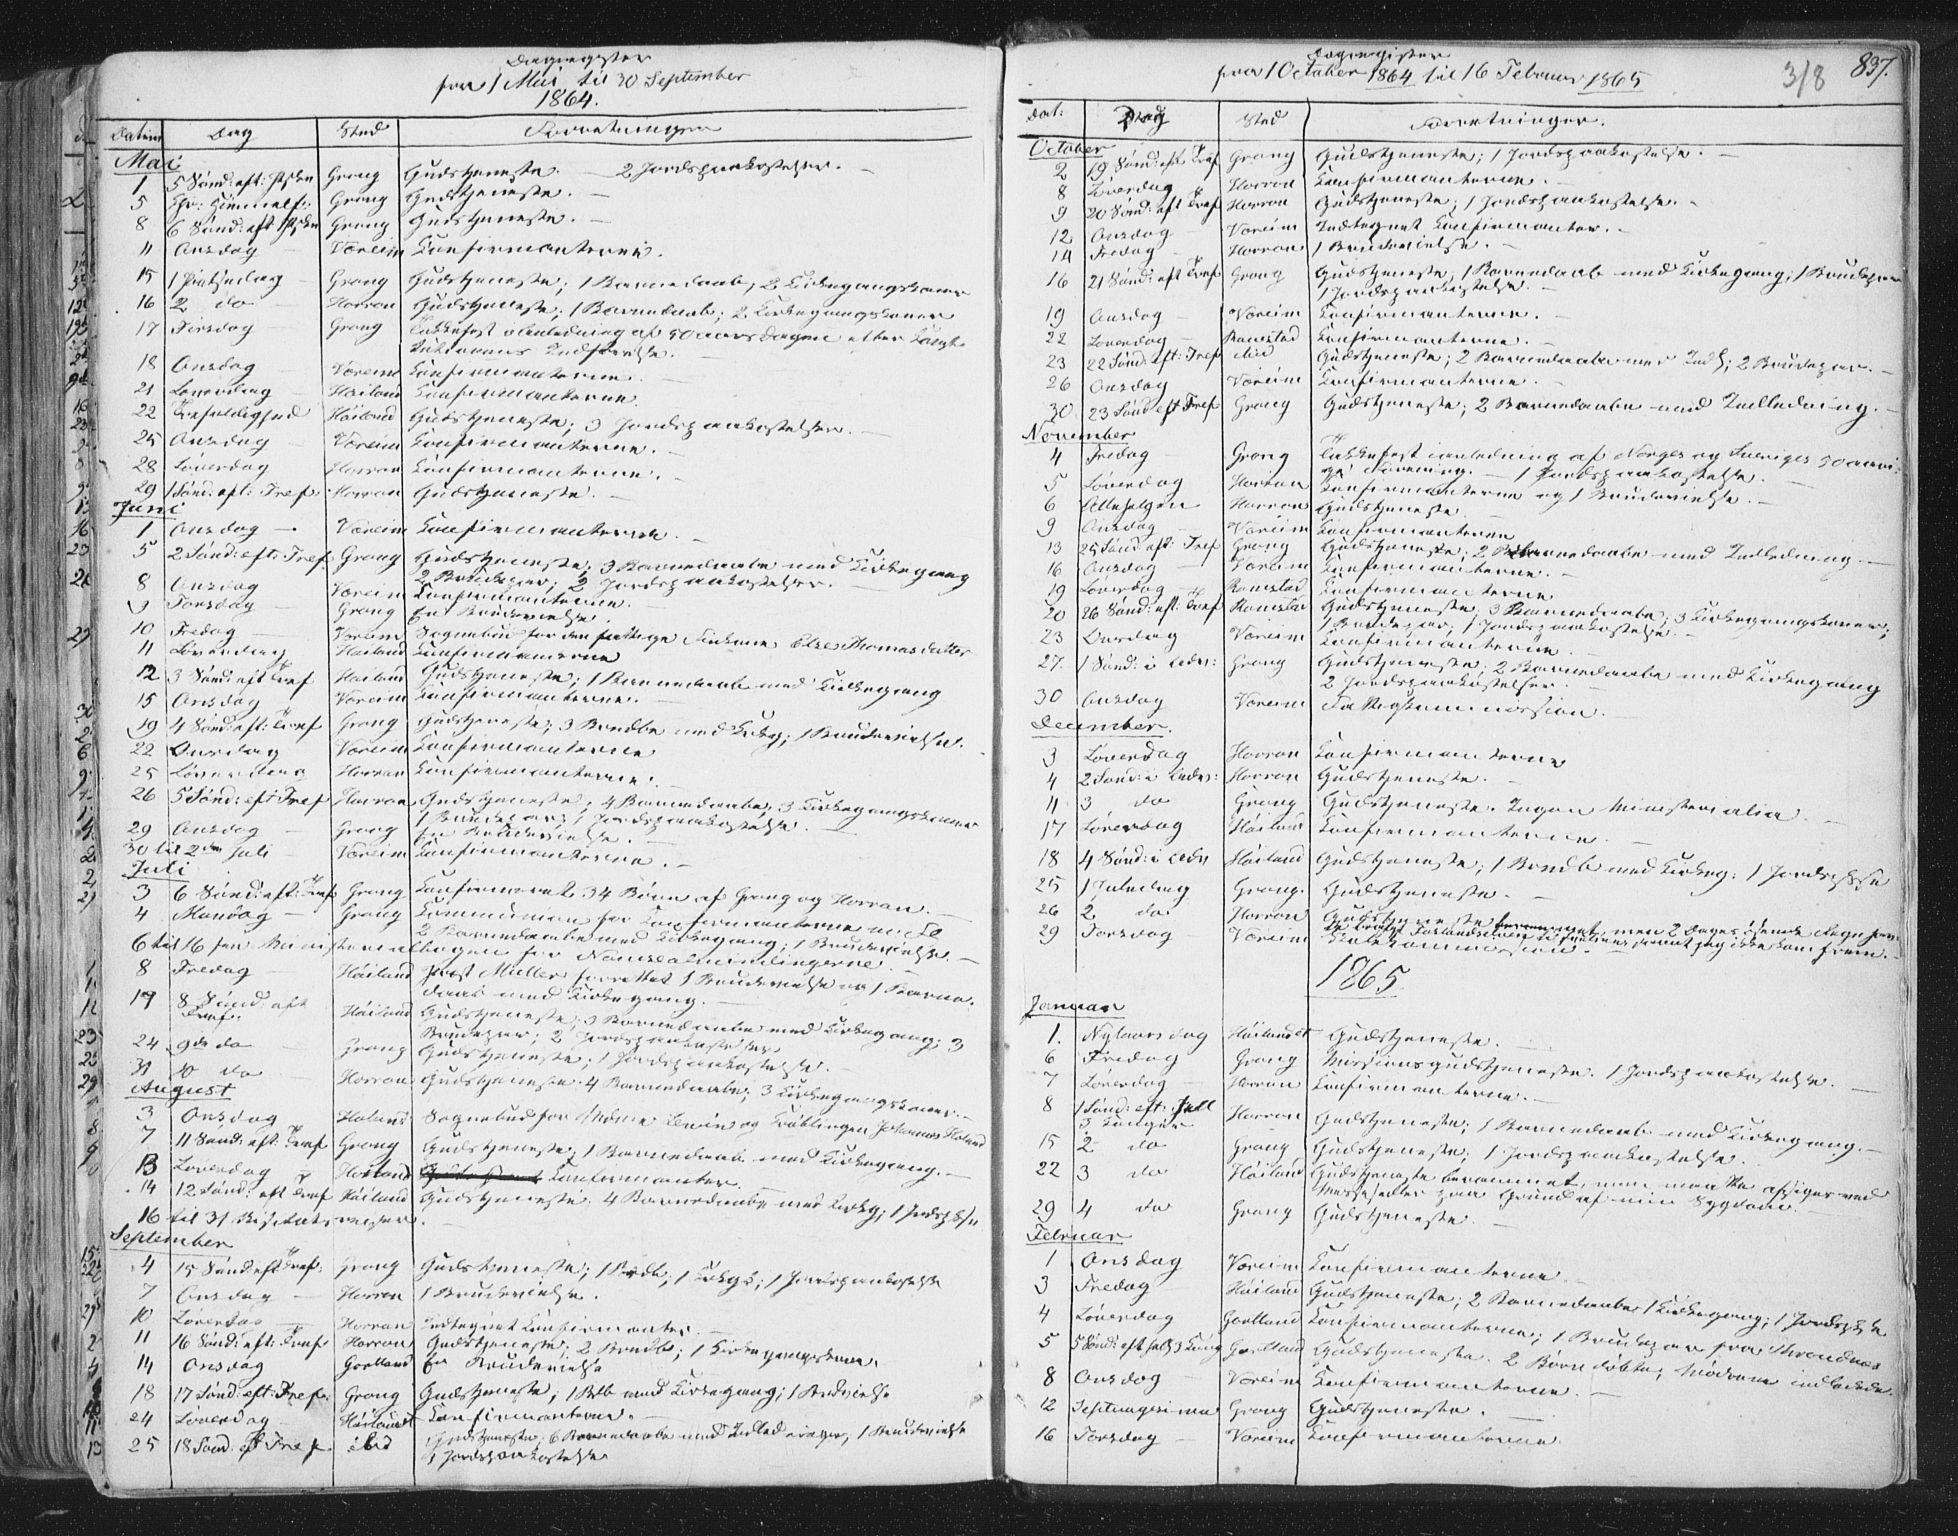 SAT, Ministerialprotokoller, klokkerbøker og fødselsregistre - Nord-Trøndelag, 758/L0513: Ministerialbok nr. 758A02 /1, 1839-1868, s. 318